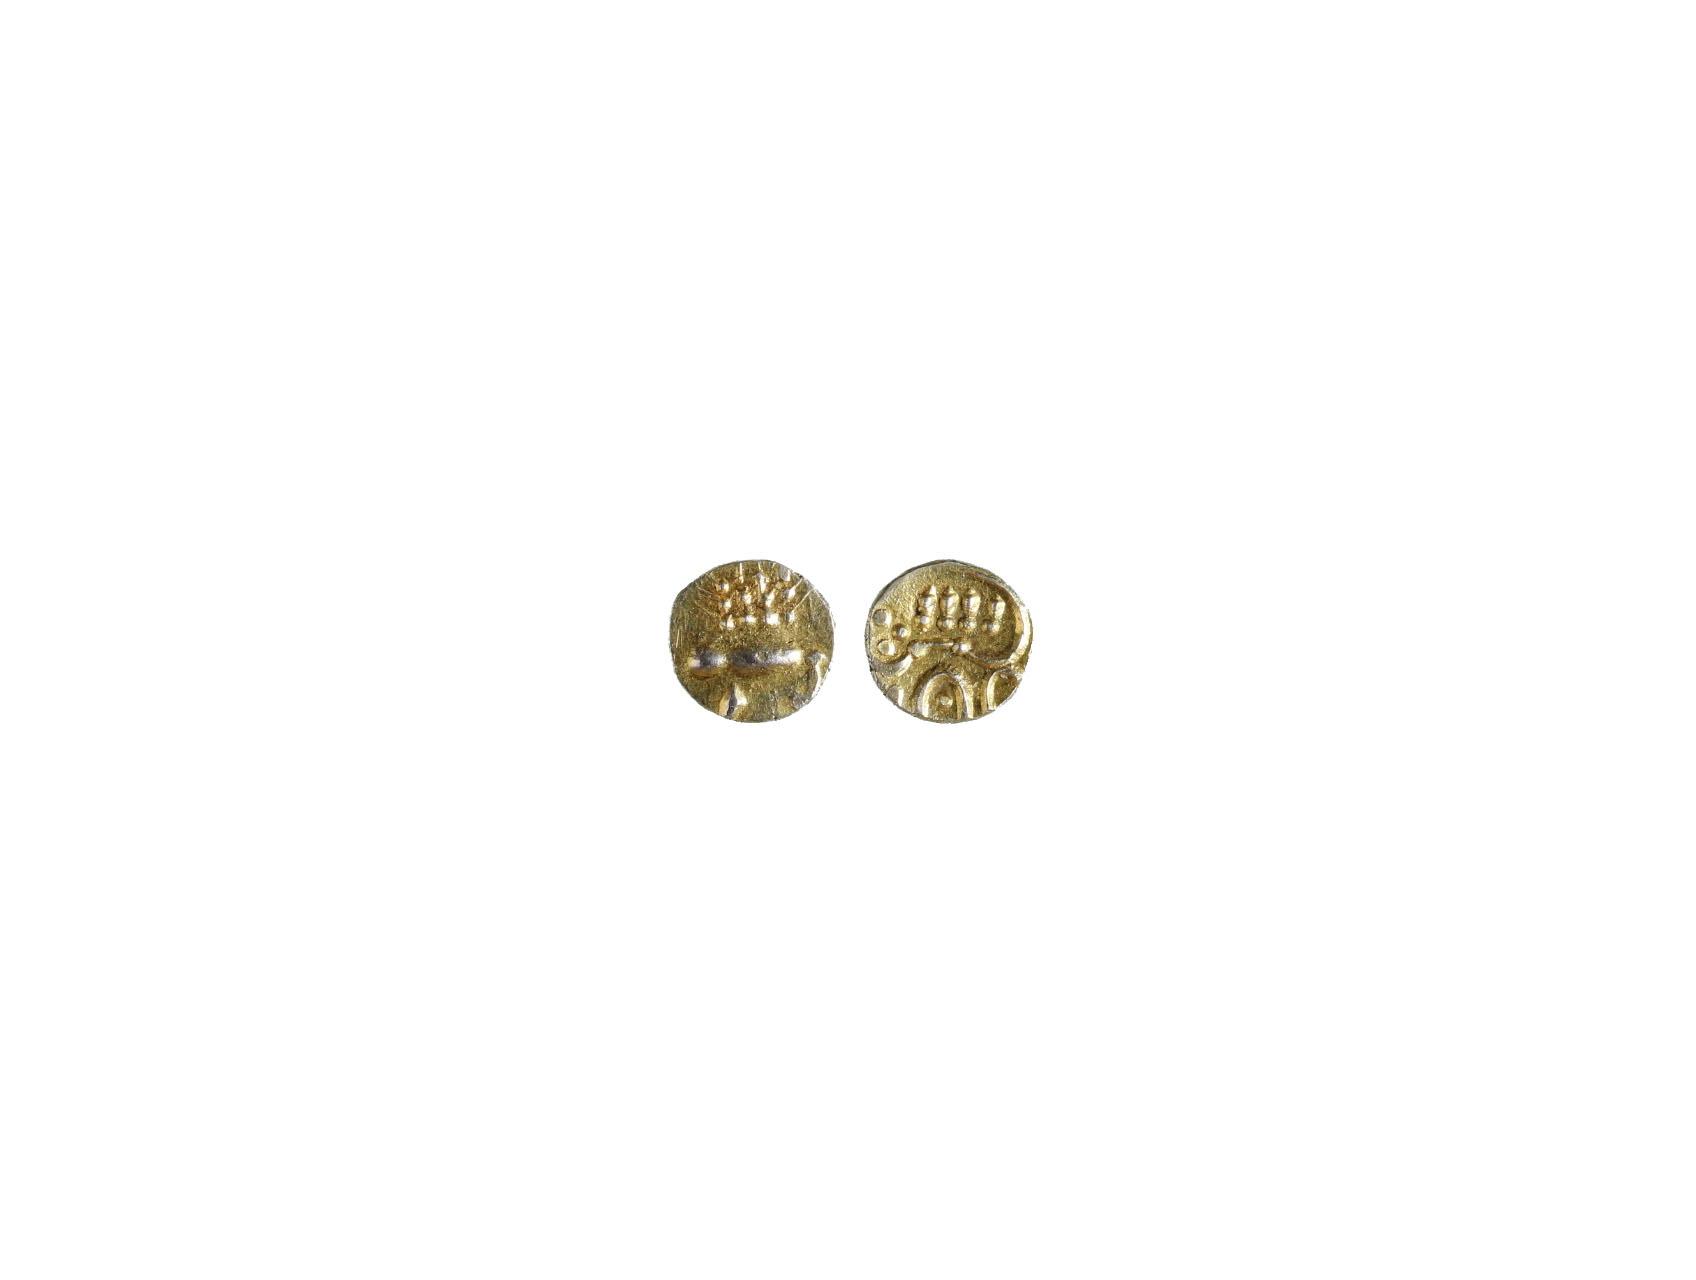 Indie - Britský protektorát, 1 Fanam z let 1795 - 1850, váha 0,35g, zlato o vysoké ryzosti, průměr 7 mm, nejmenší zlaté mince na světě